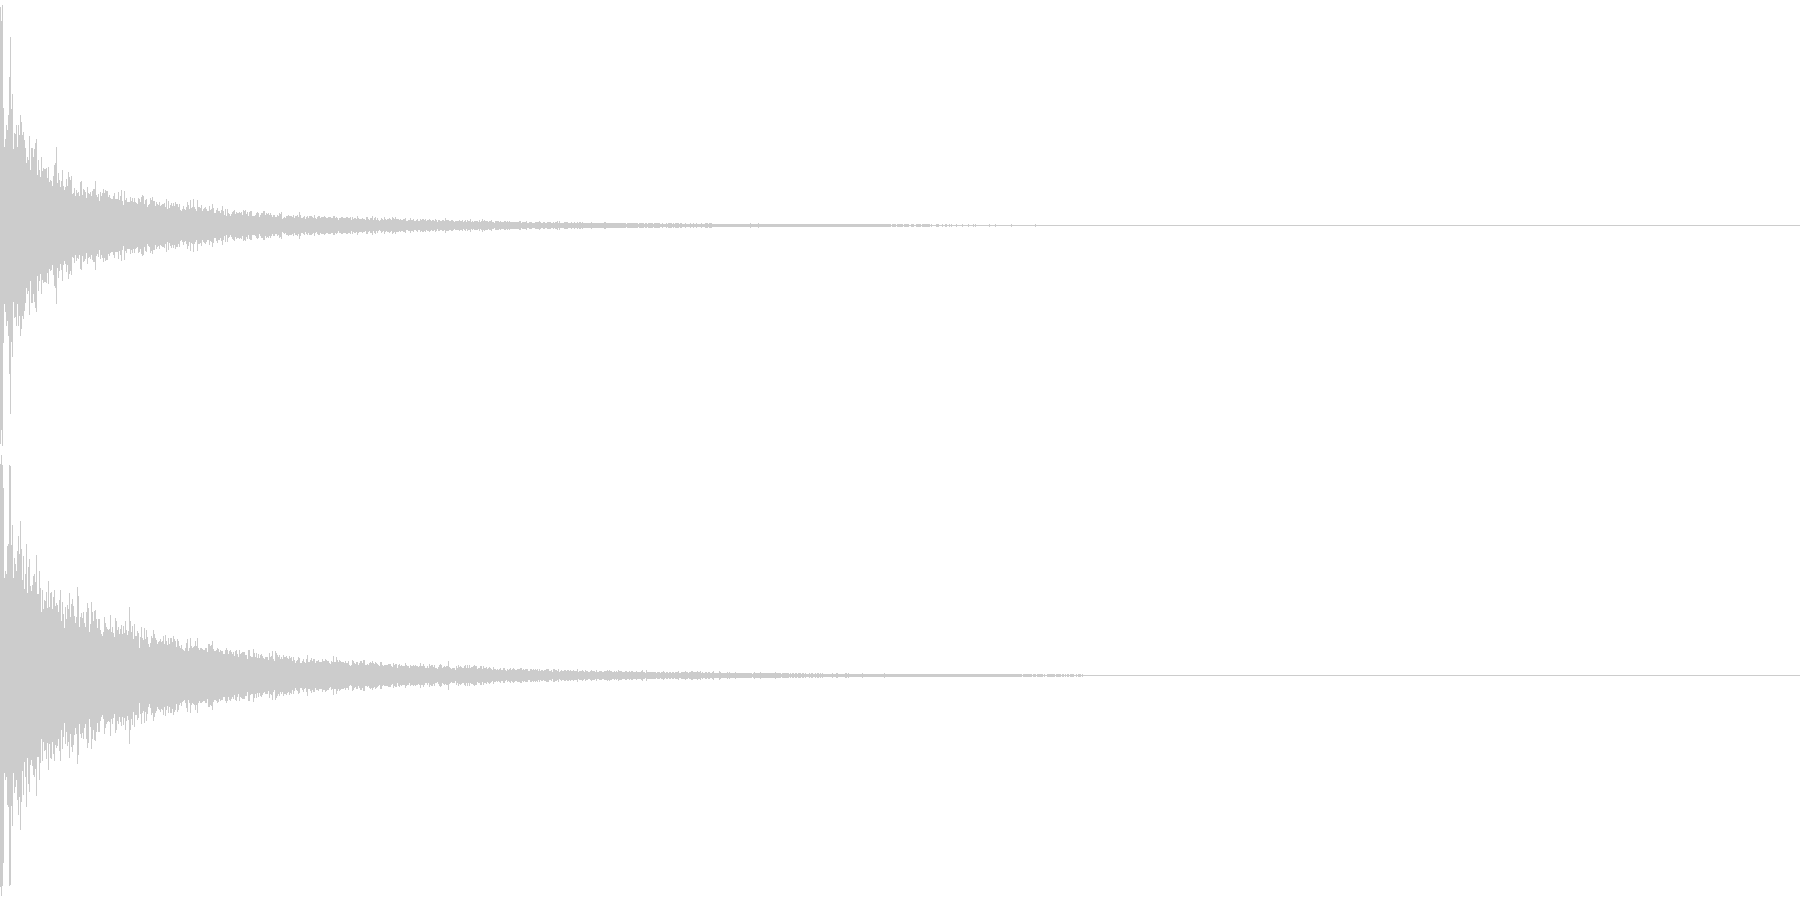 インパクト/ドラム/ヒット/パーン!/1の未再生の波形